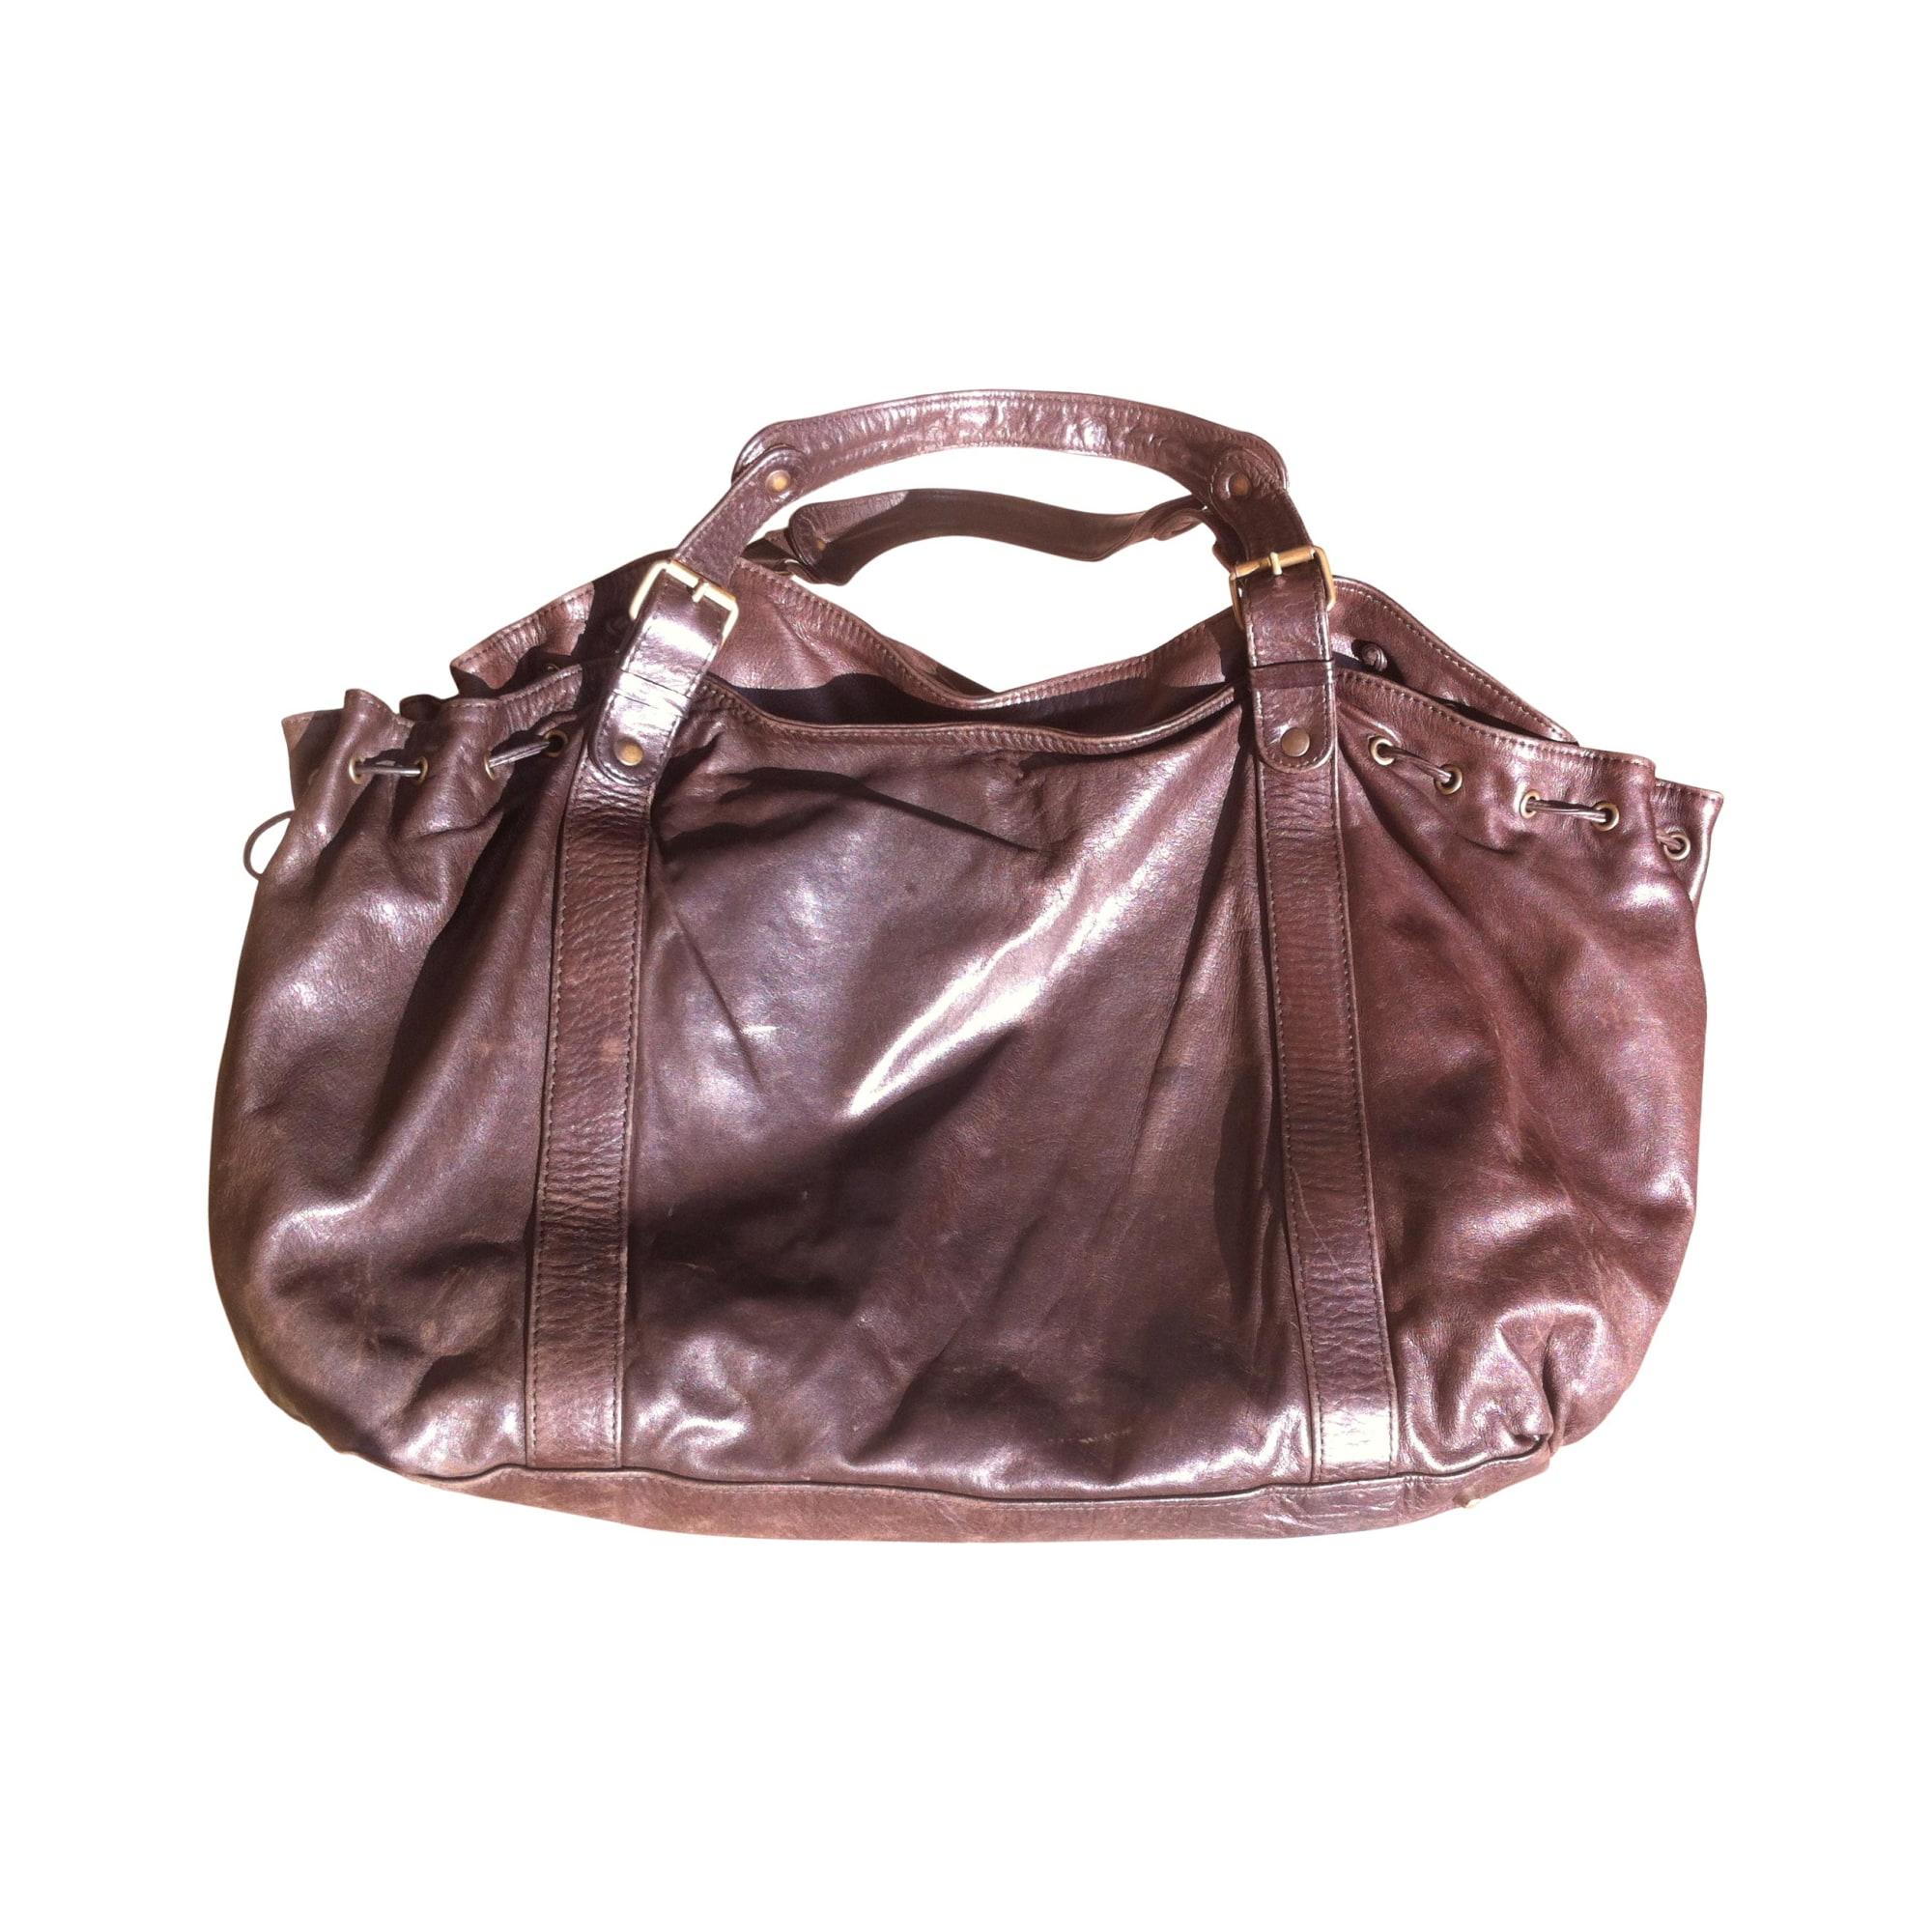 887ebb265071 Sac XL en cuir GERARD DAREL marron vendu par Capucine246 - 2664011